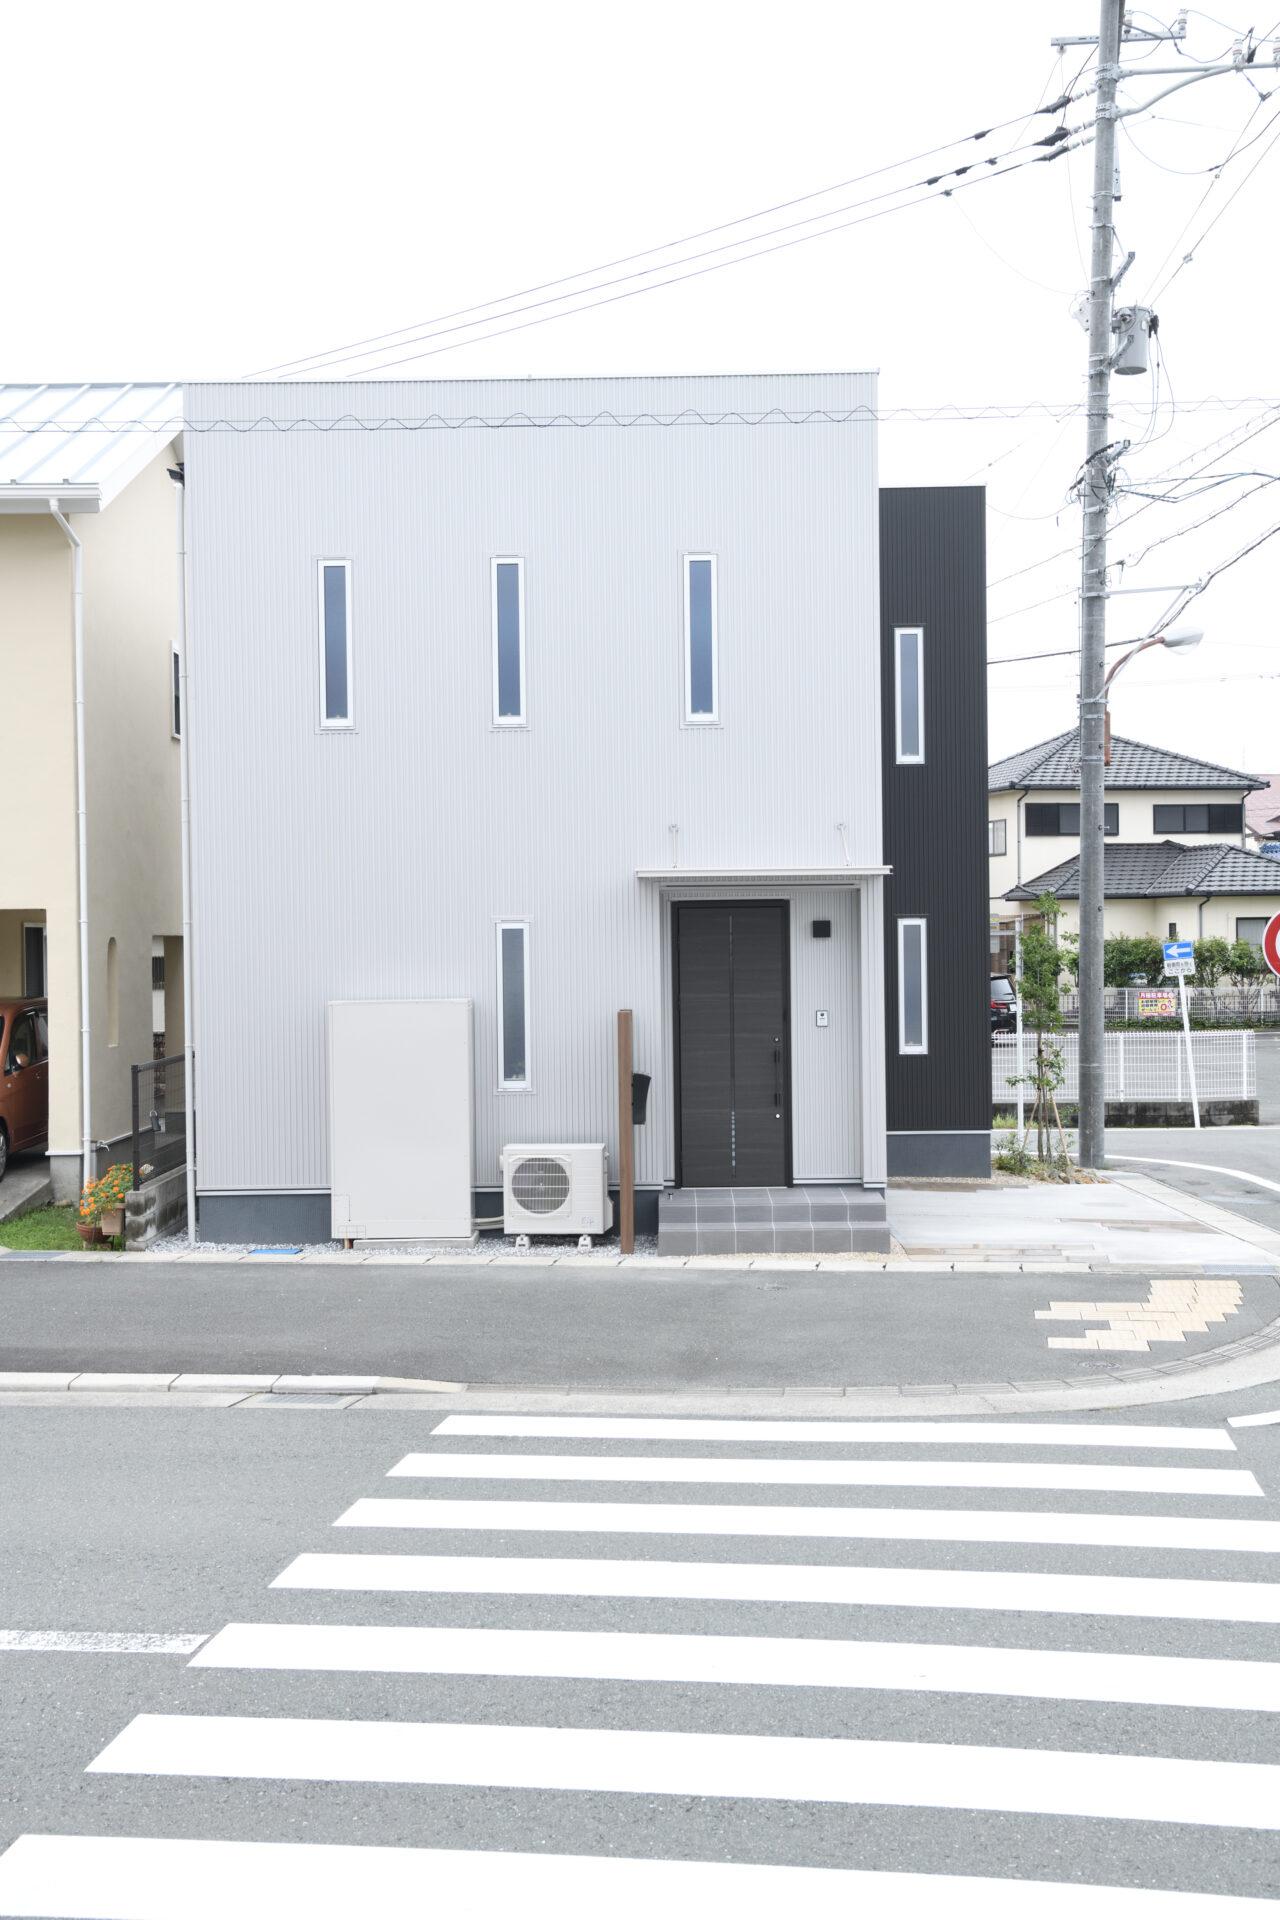 リベール西伝寺 新築分譲住宅 2,780万円(税込)